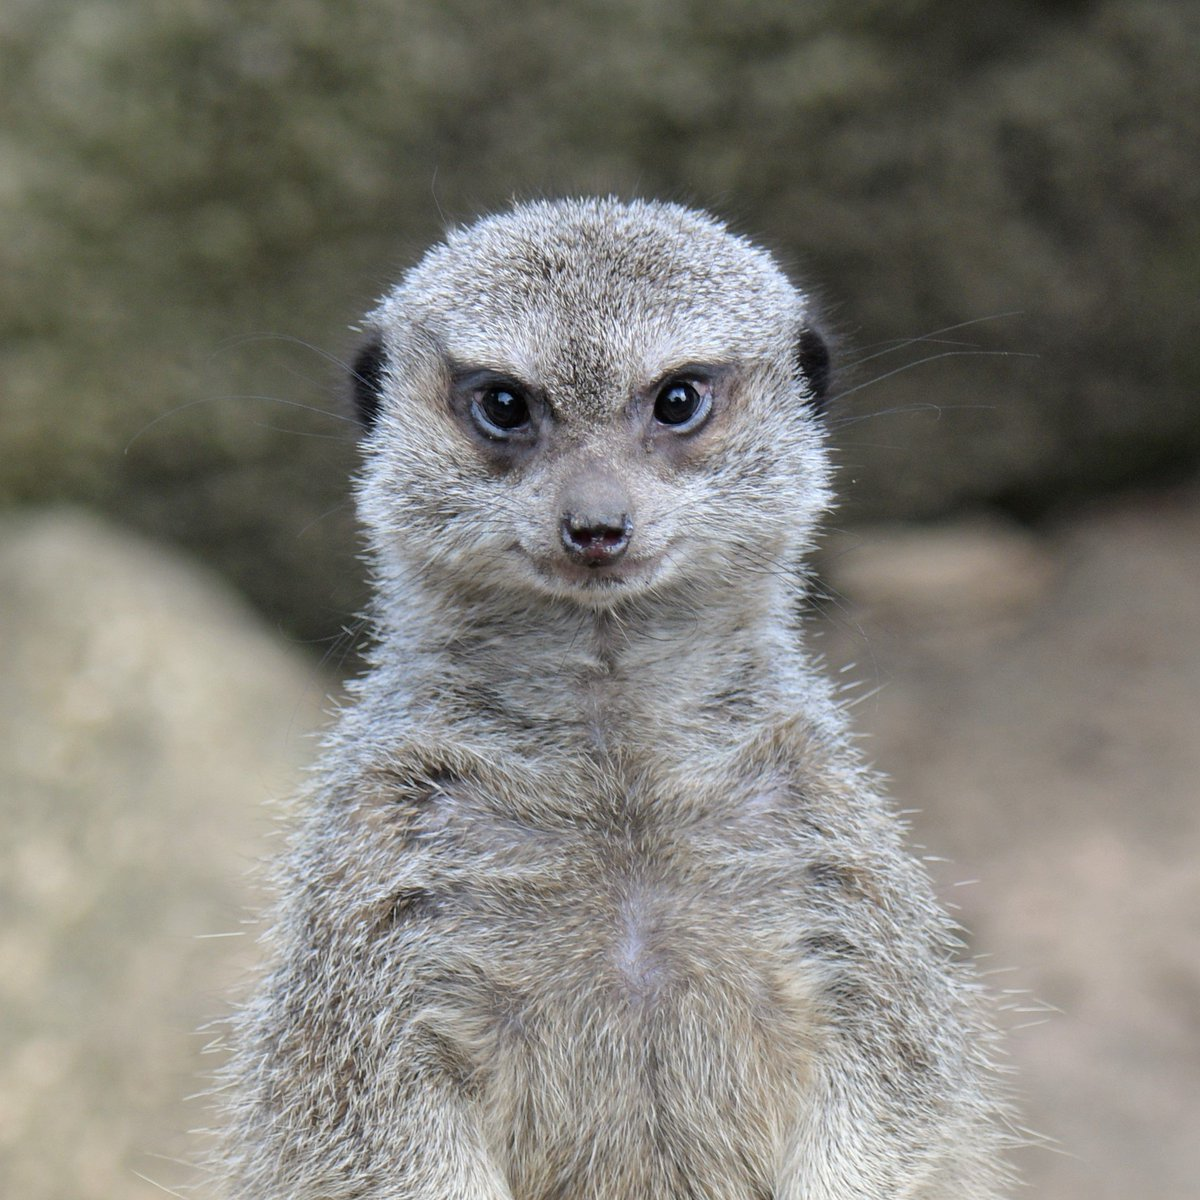 井の頭のミーアキャットはとてもキリっとした顔をしています#井の頭自然文化園